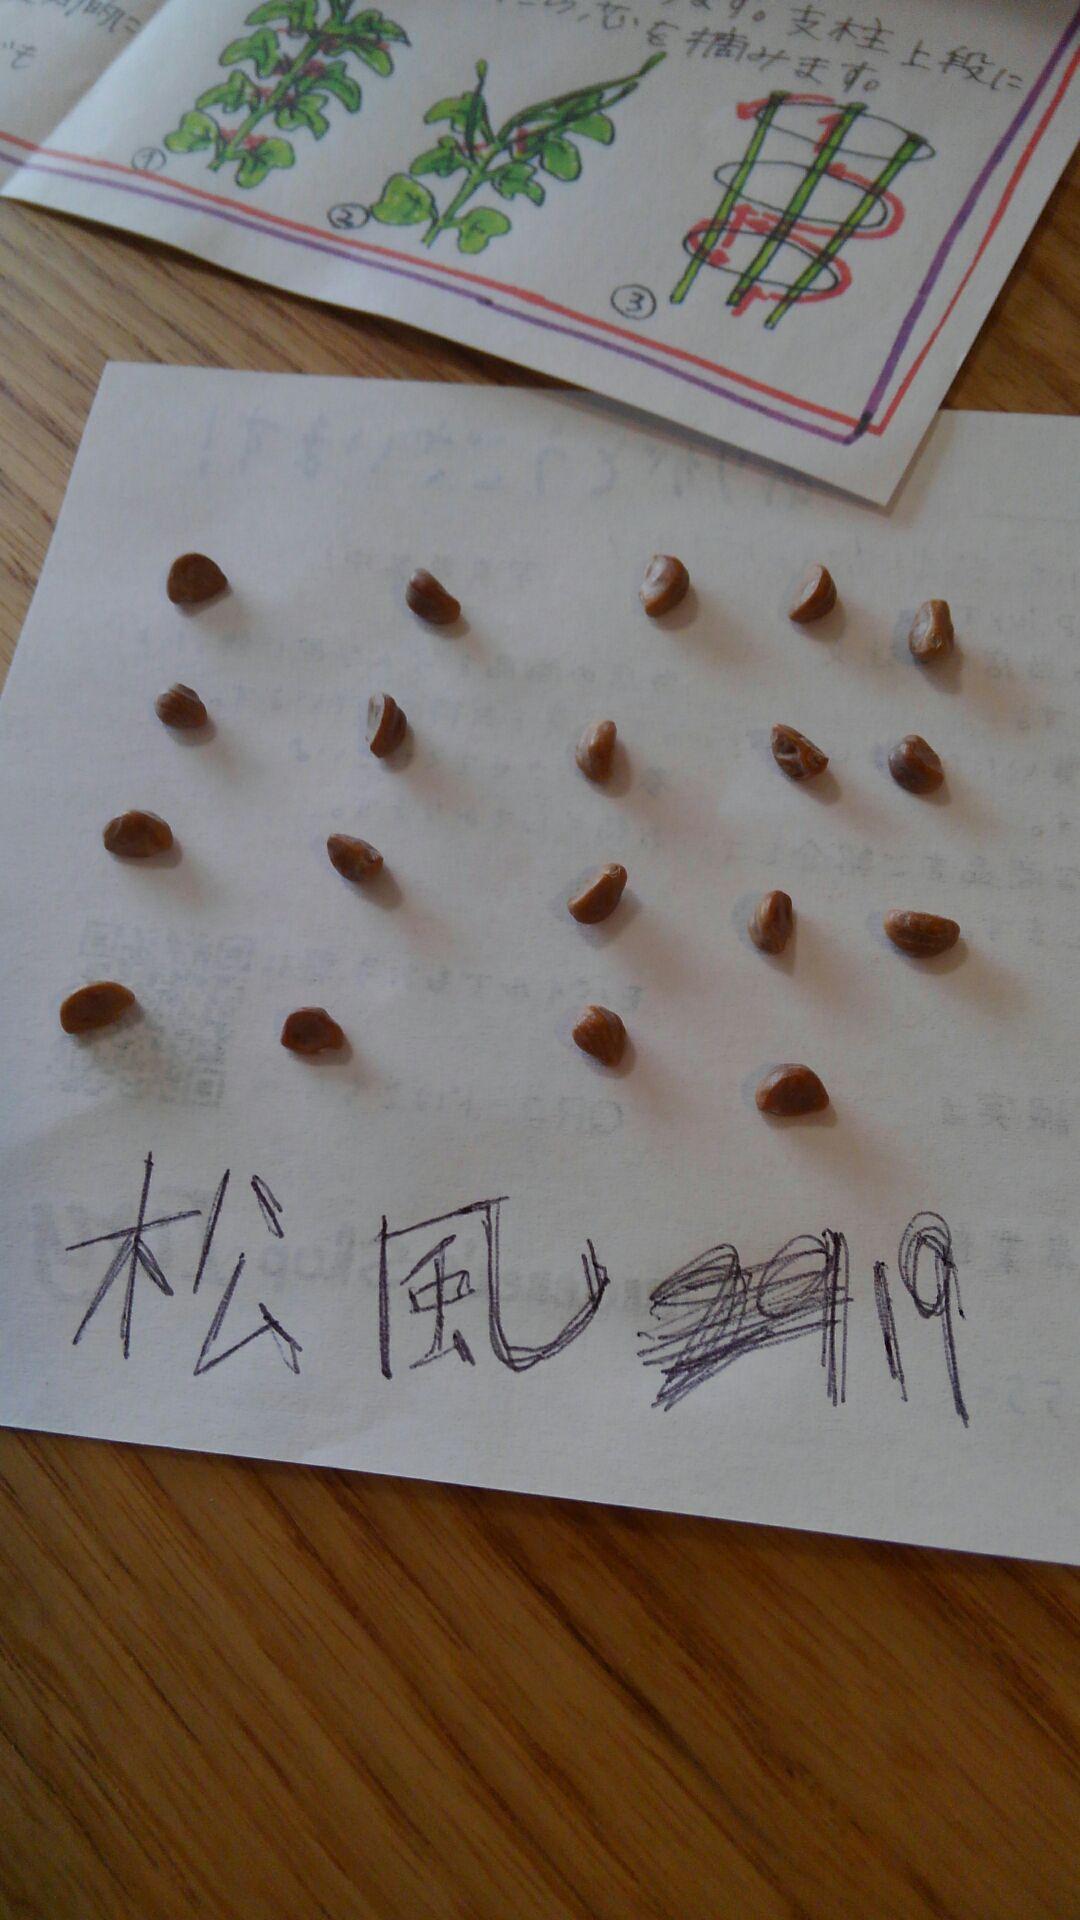 160412_松風(大輪朝顔)